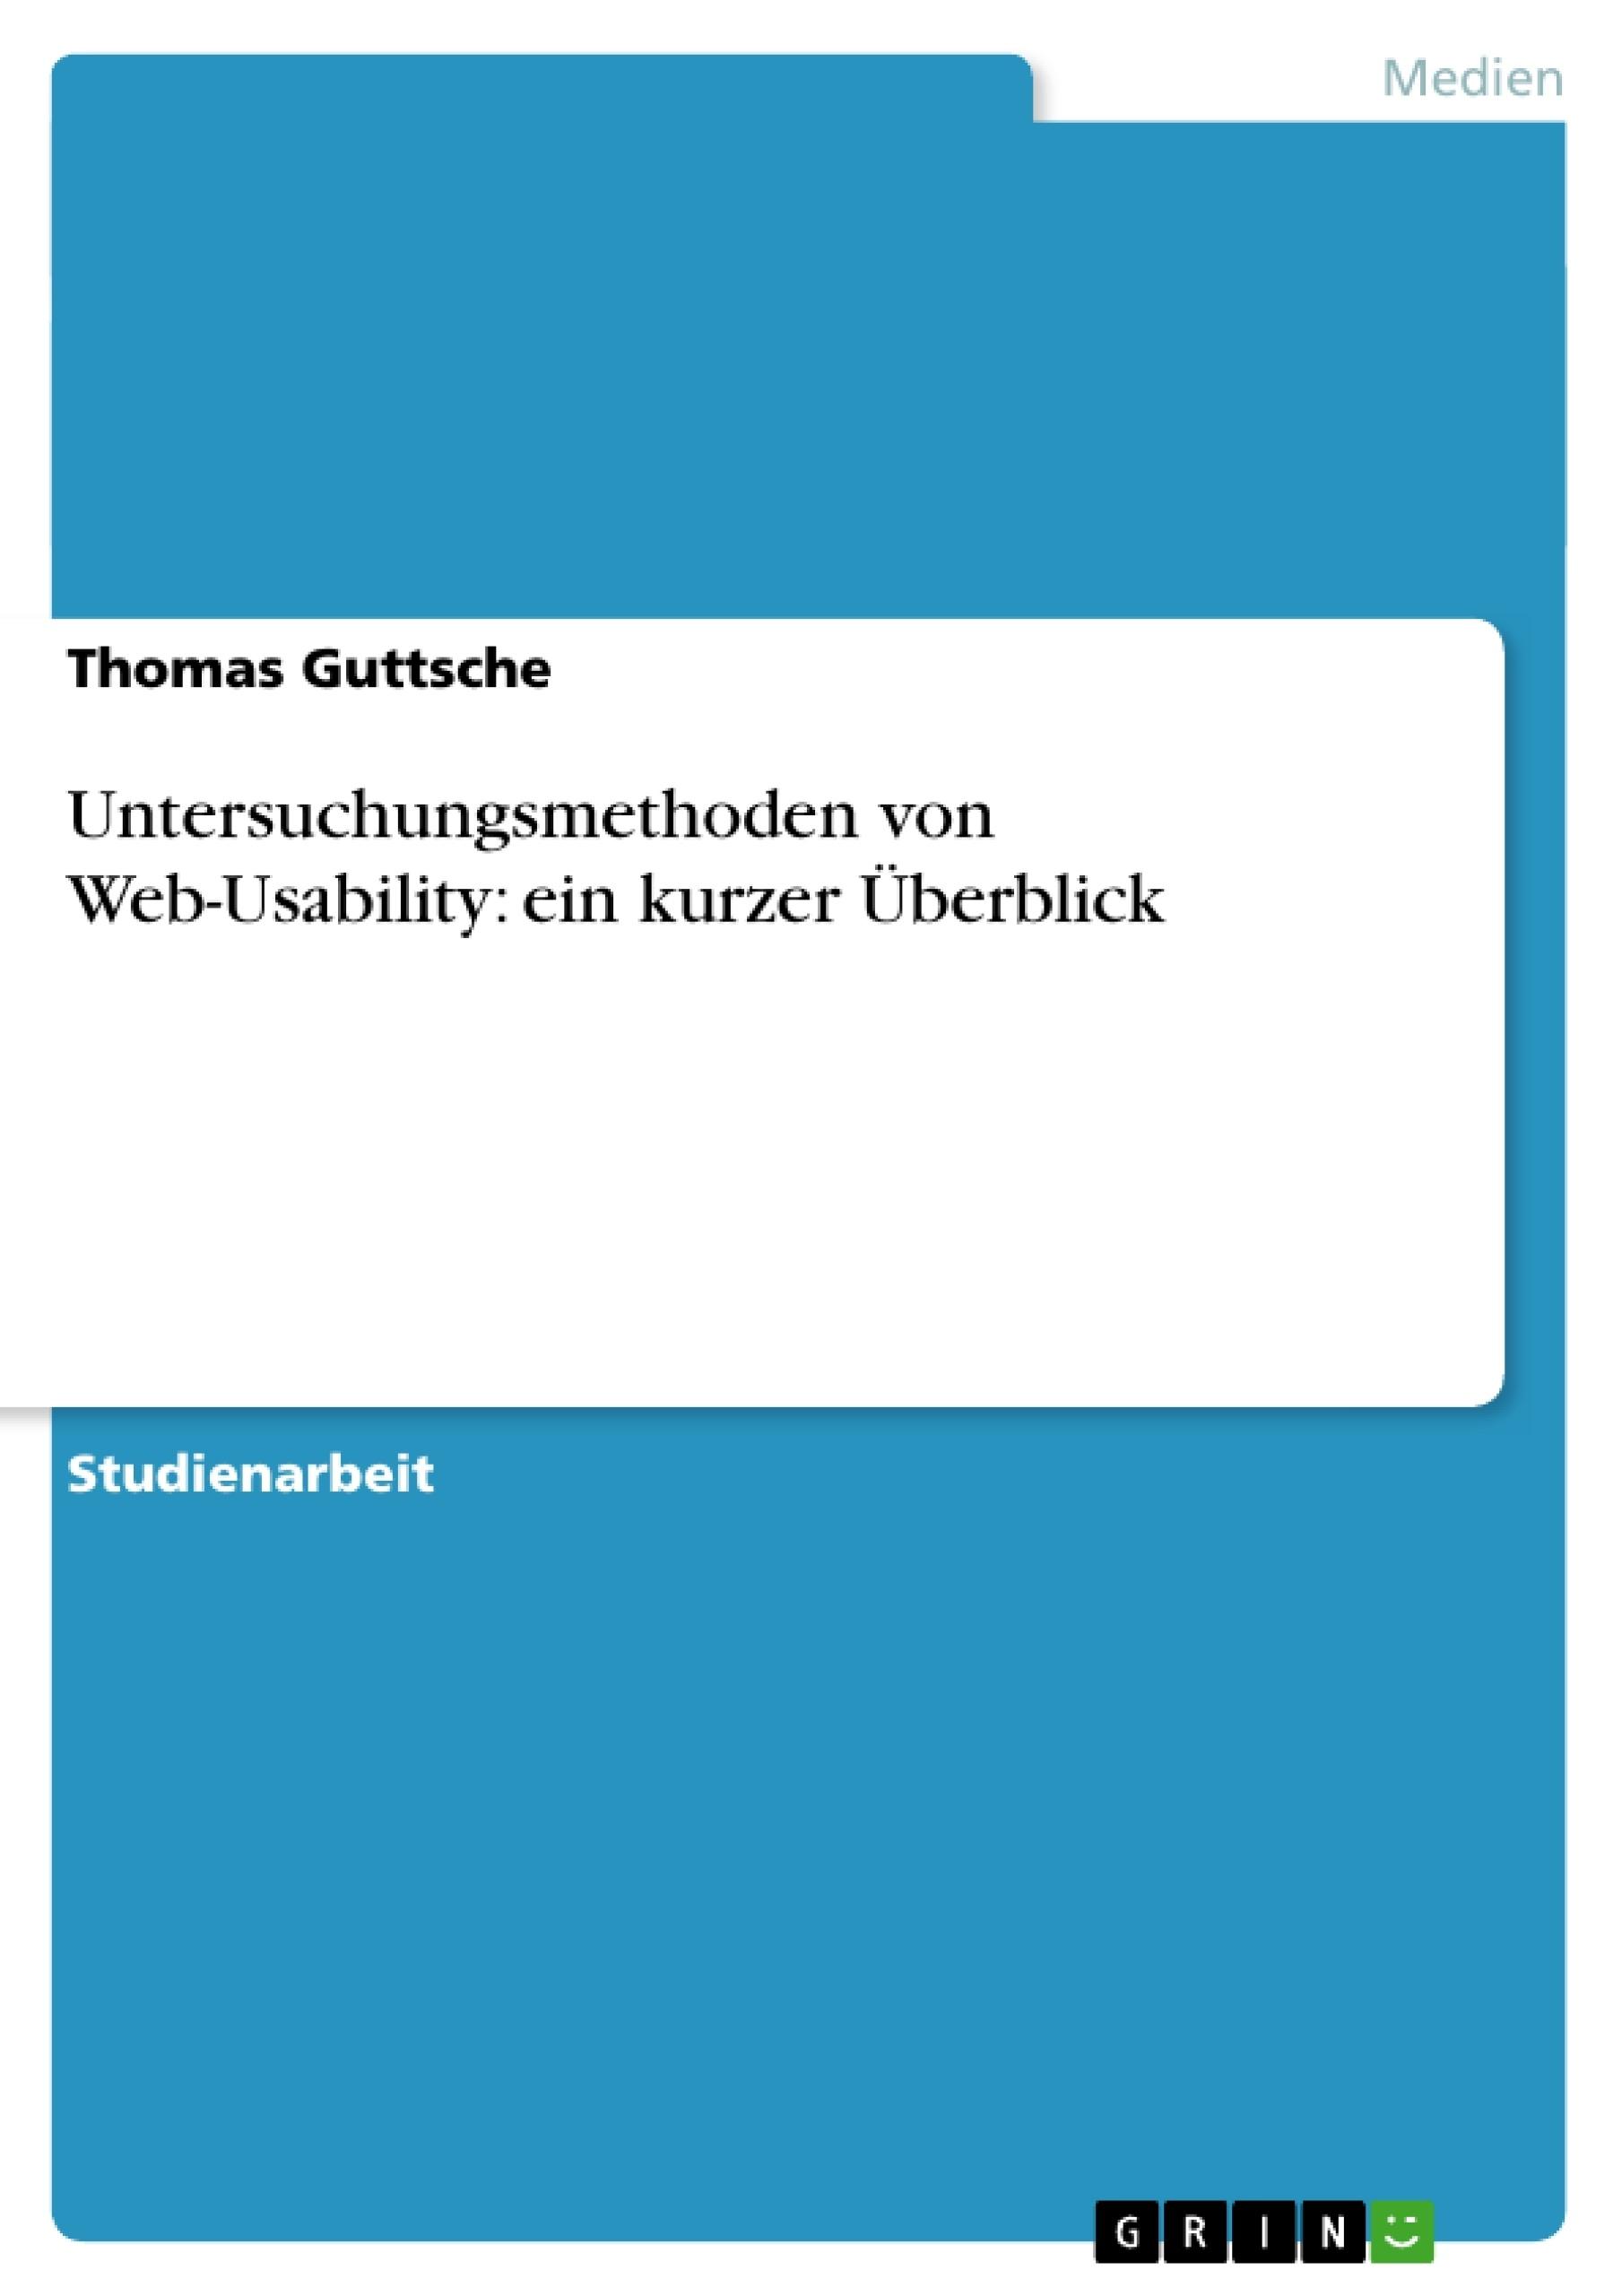 Titel: Untersuchungsmethoden von Web-Usability: ein kurzer Überblick